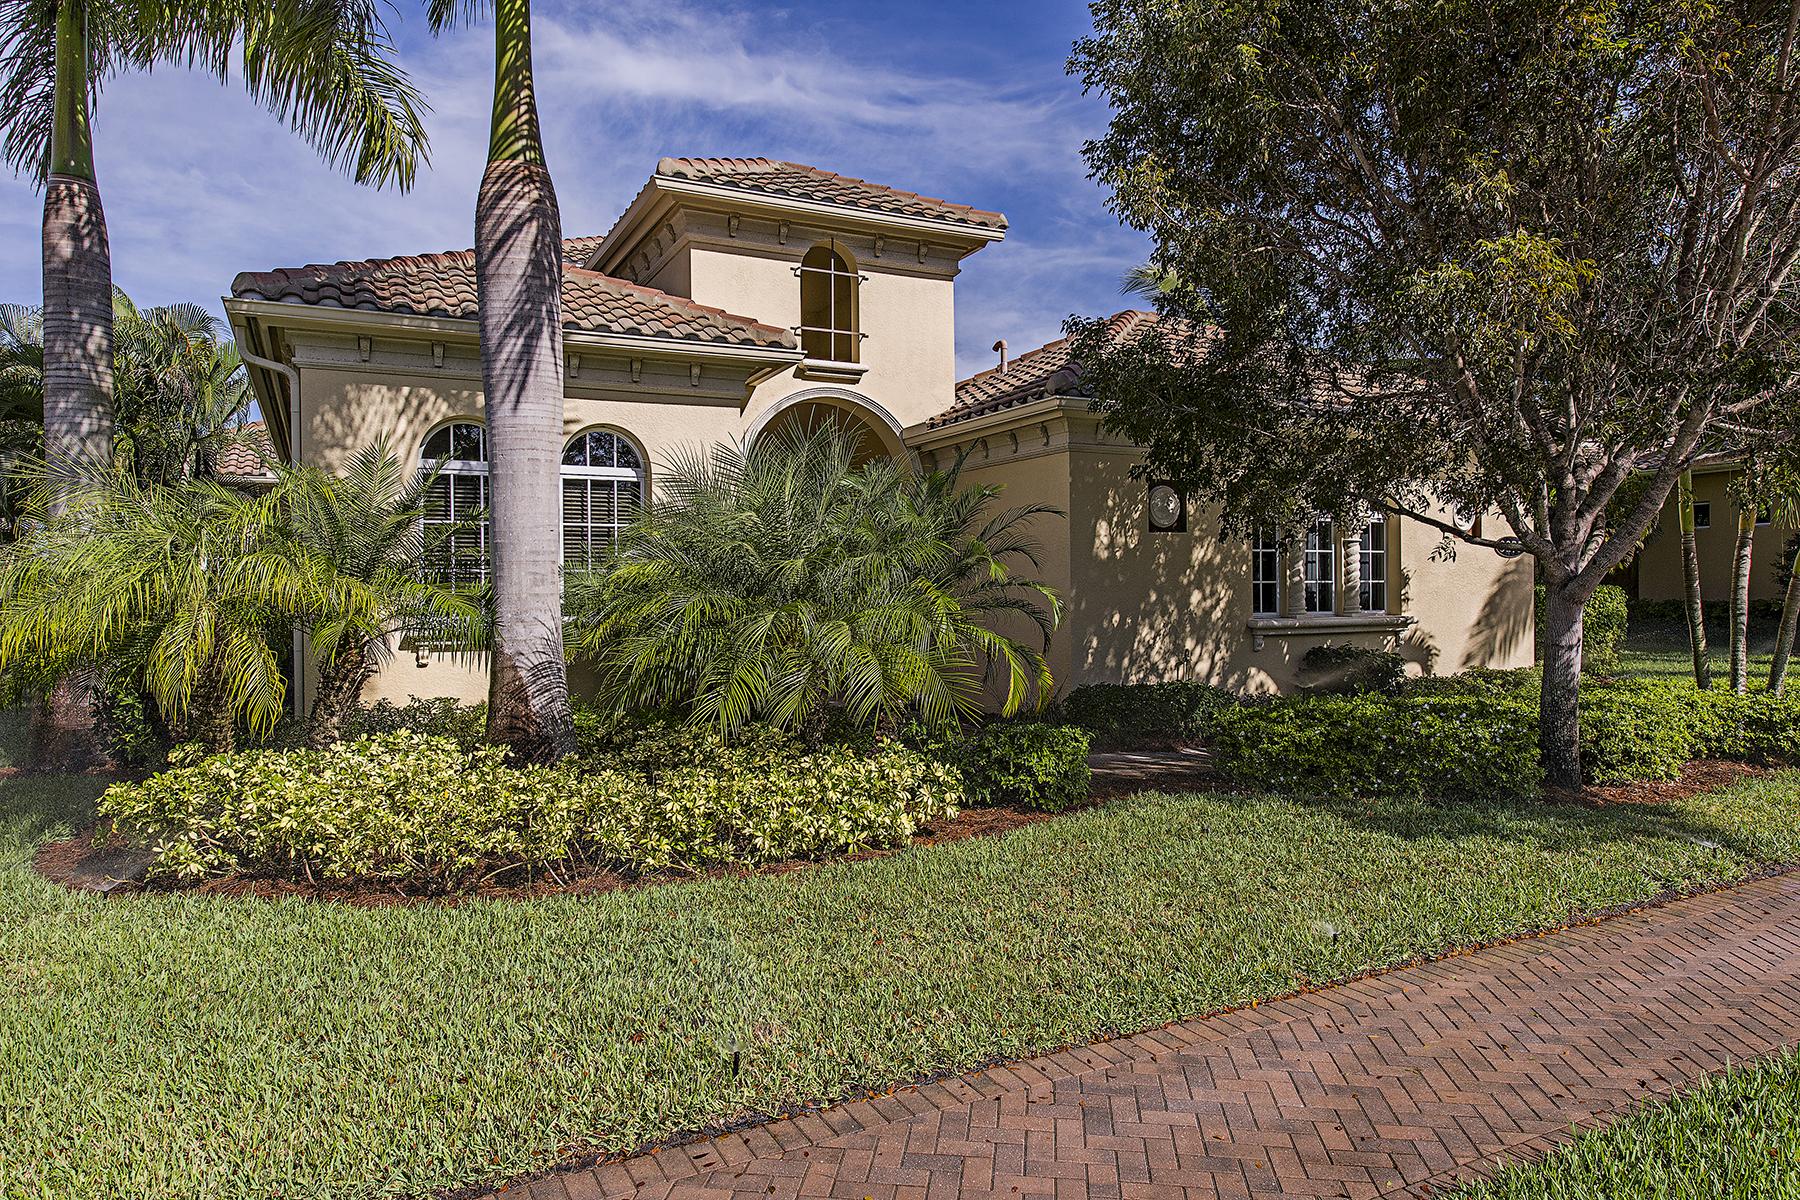 Casa para uma família para Venda às FIDDLER'S CREEK - SAUVIGNON 3275 Hyacinth Dr Naples, Florida 34114 Estados Unidos